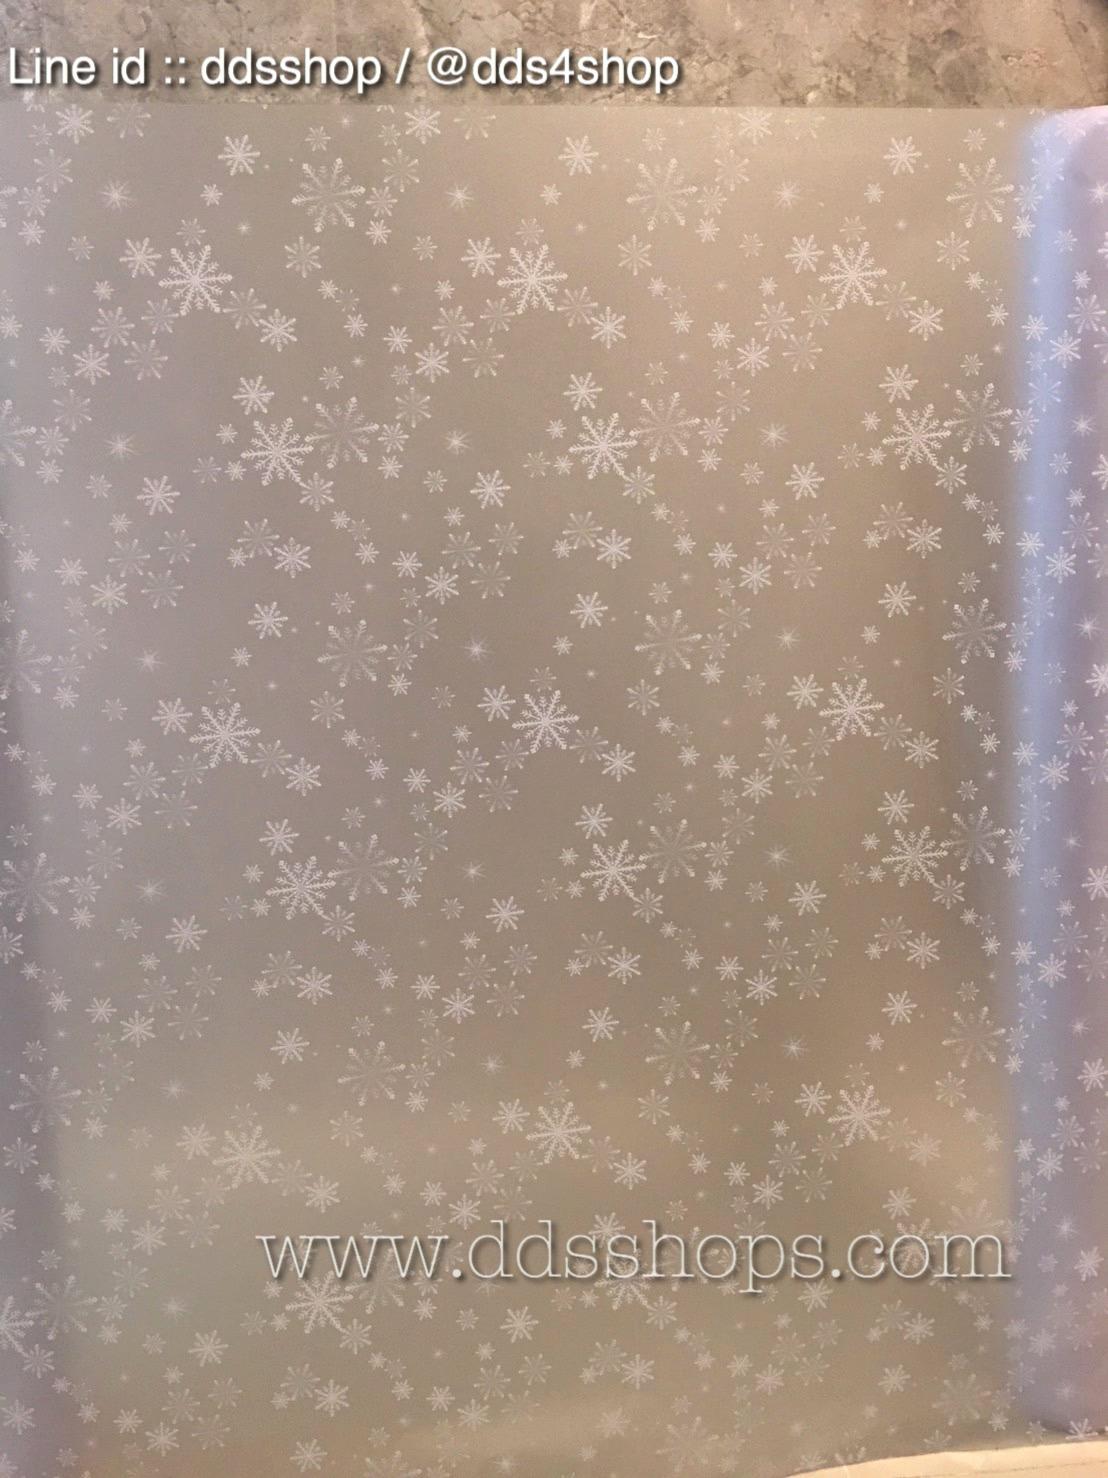 """สติ๊กเกอร์ติดกระจกแบบมีกาวในตัว """"SnowFlakes"""" ความสูง 90 cm ตัดแบ่งขายเมตรละ 179 บาท (ขั้นต่ำ 3m)"""